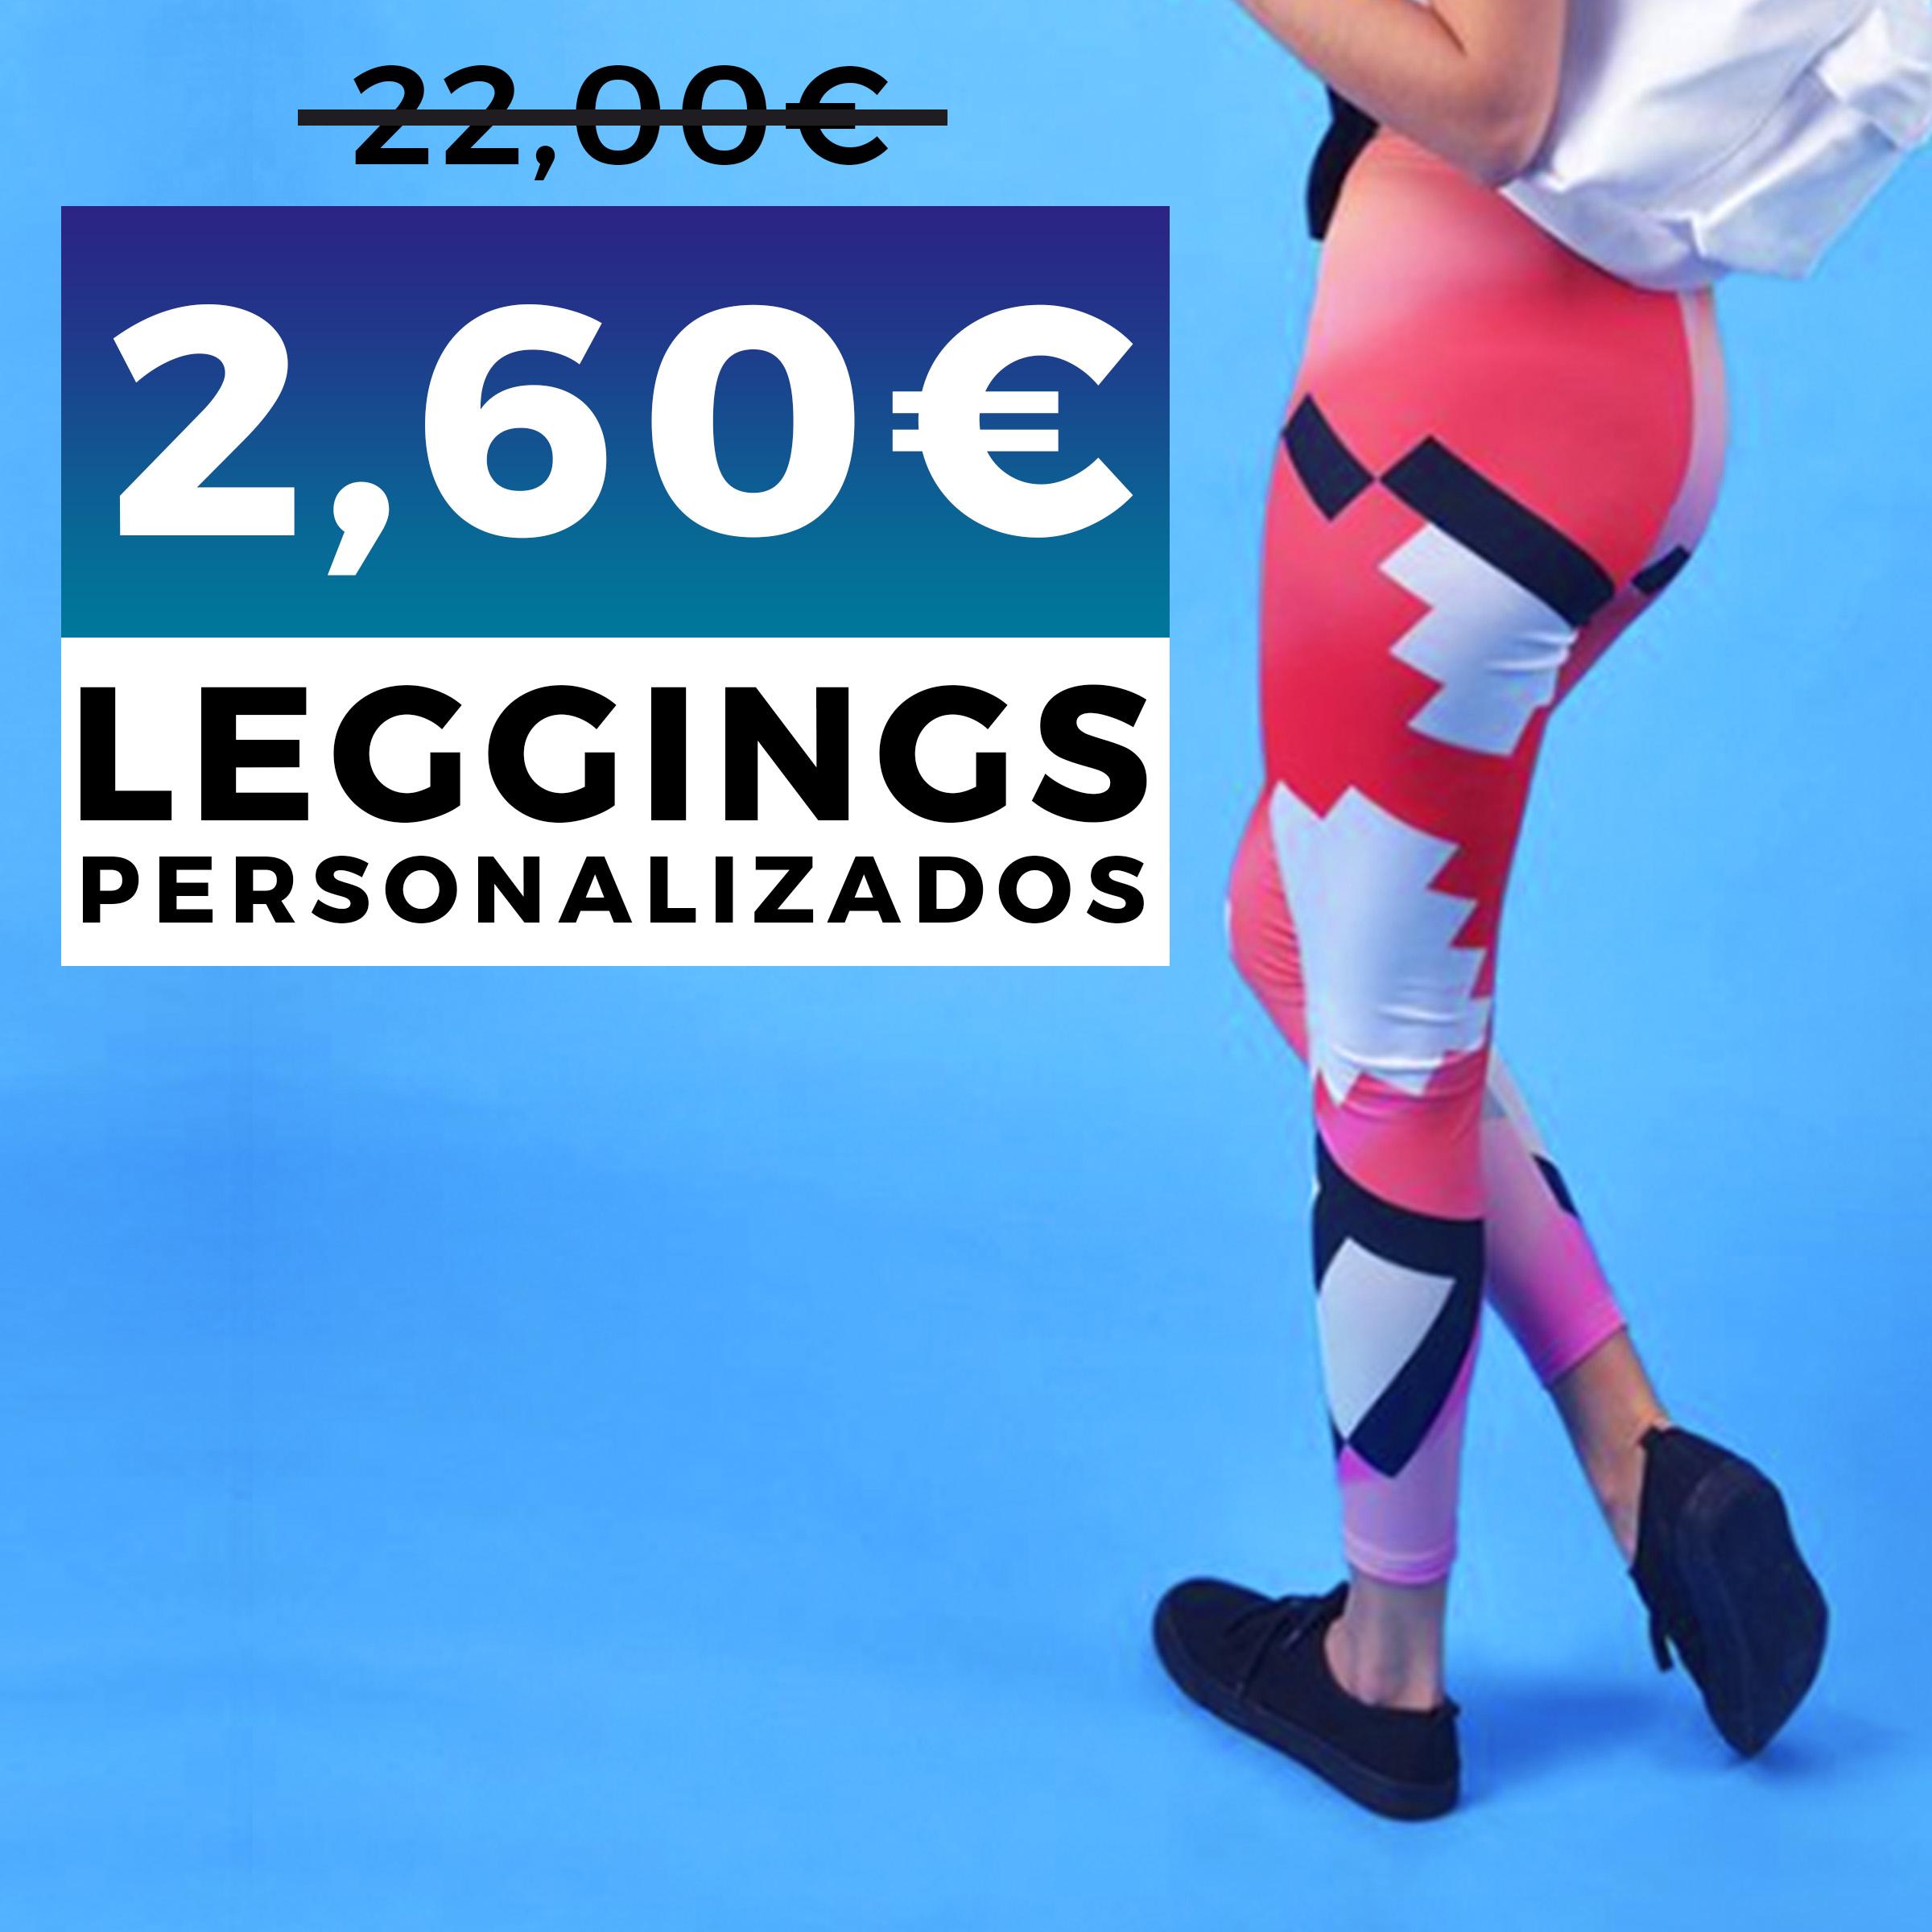 Leggings PERSONALIZADOS solo 2,60€ (Envío Incluido) (Black Friday)